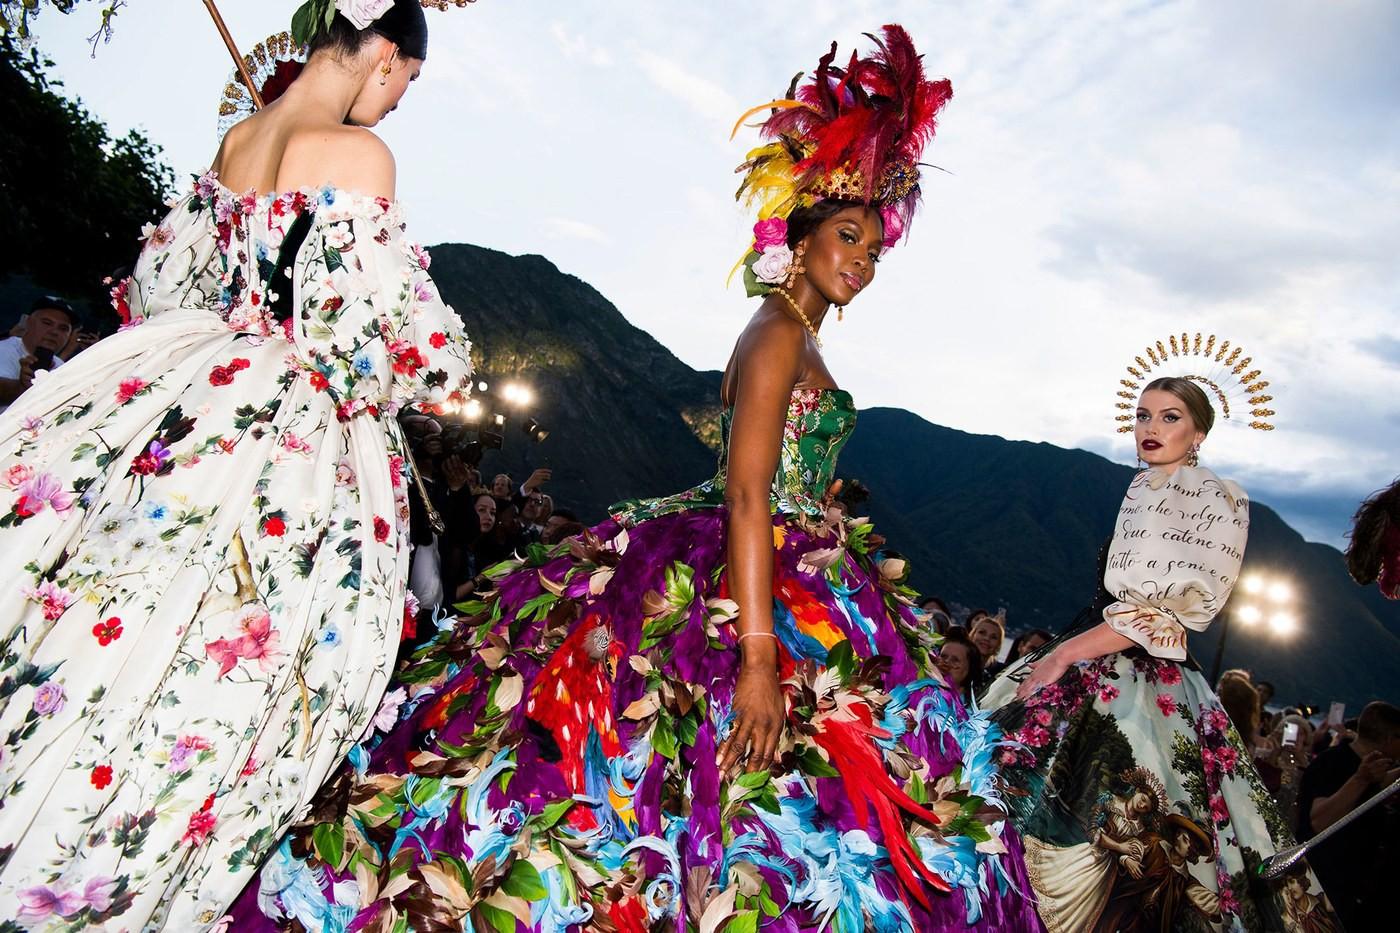 Lại tổ chức lễ hội phù hoa và cháu gái Công nương Diana chính là bông hoa rực rỡ nhất! - Ảnh 3.